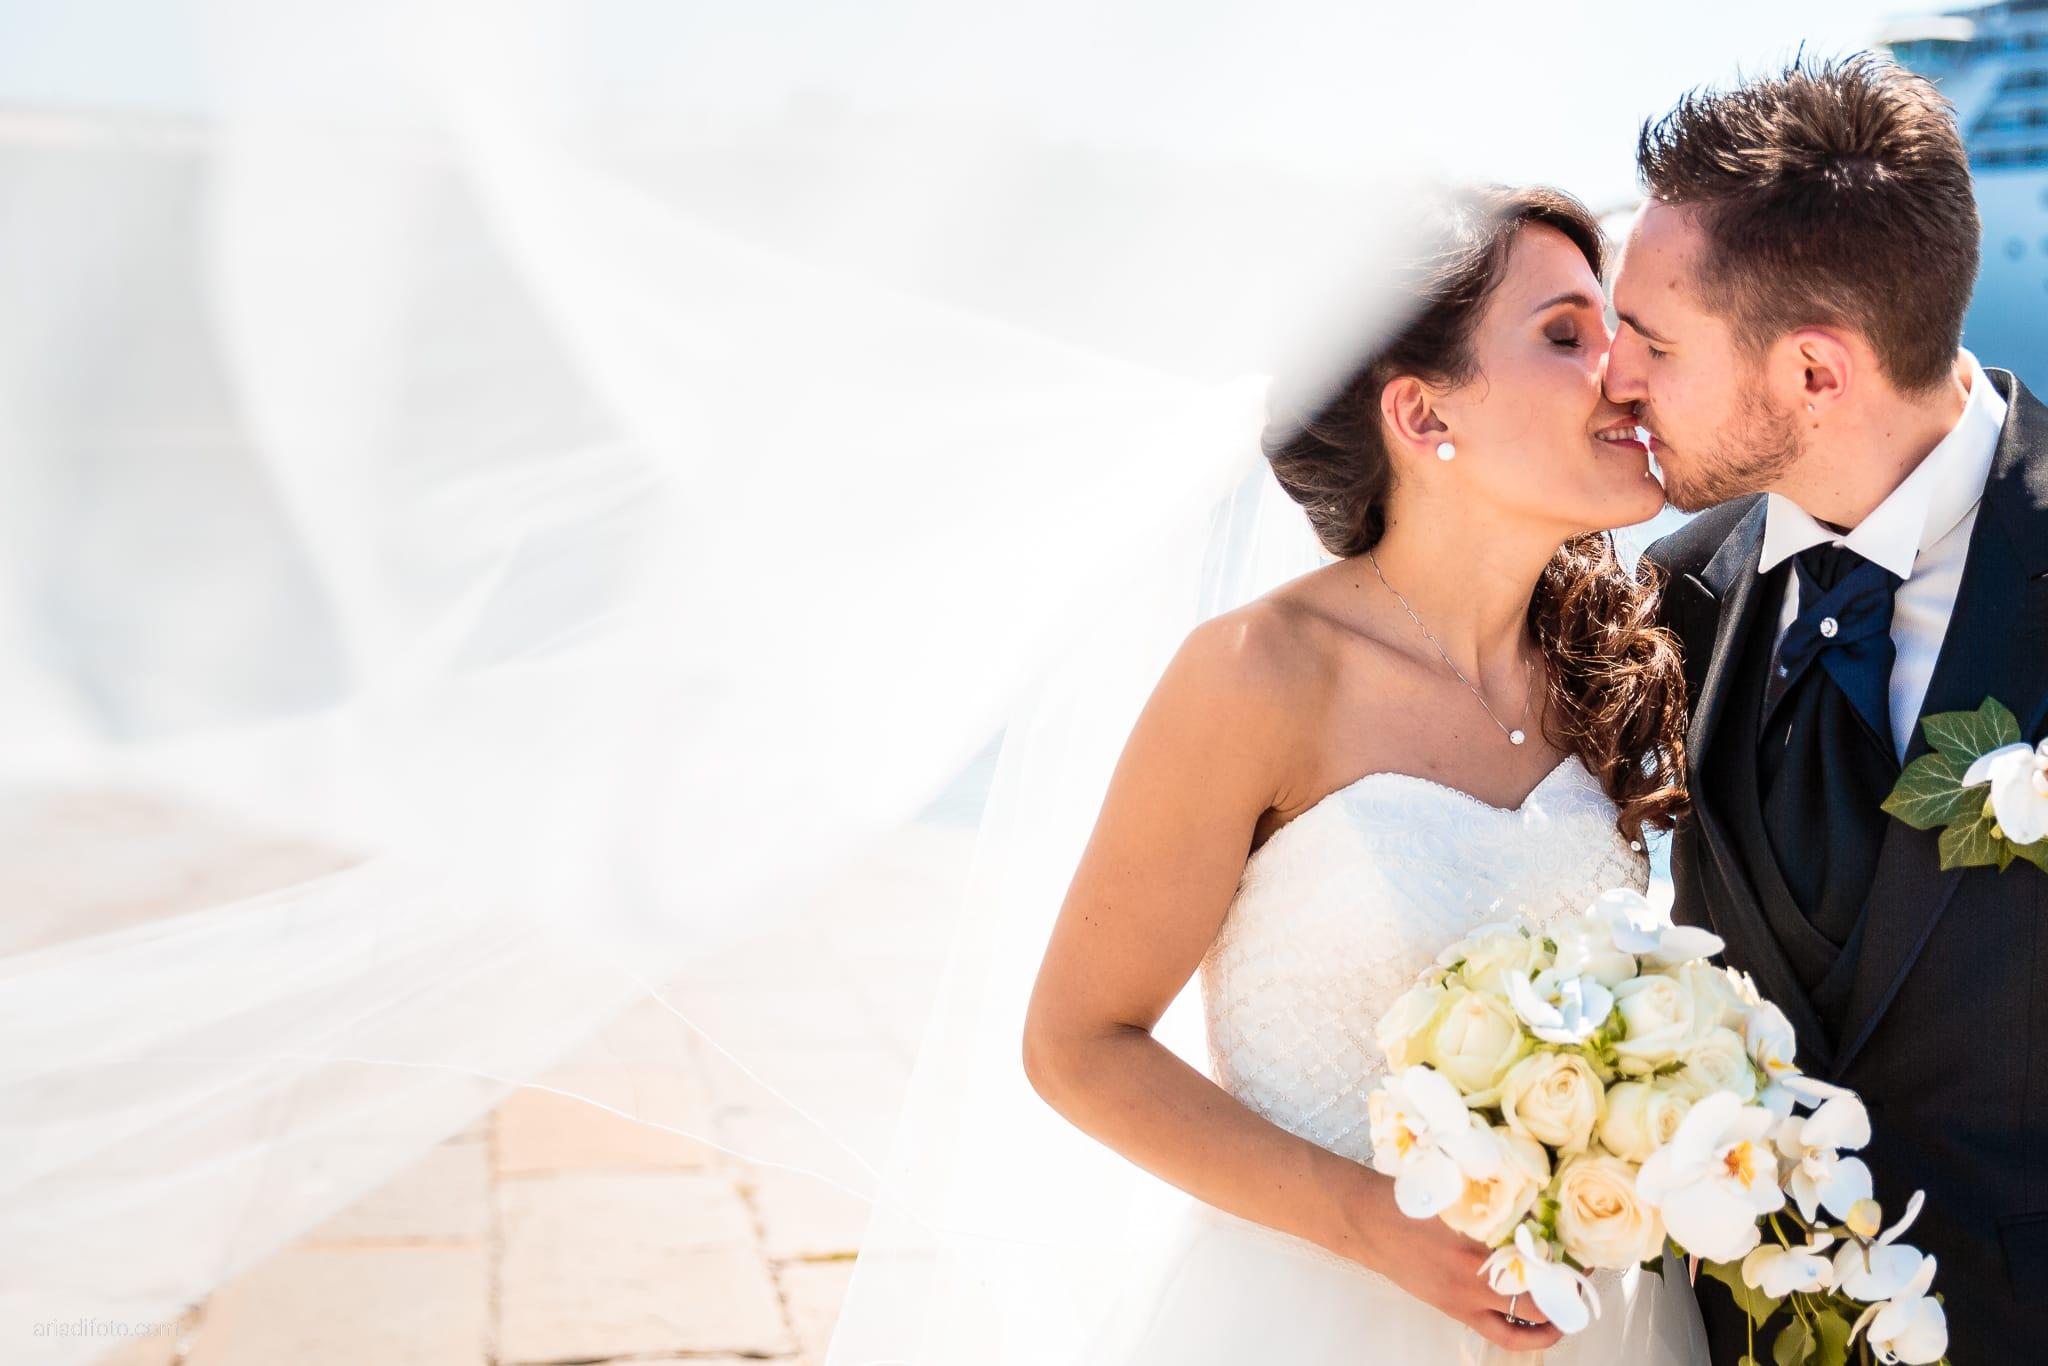 Mariarita Matteo Matrimonio Trieste Villa Attems Cernozza Postcastro Lucinico Gorizia ritratti sposi Molo Audace